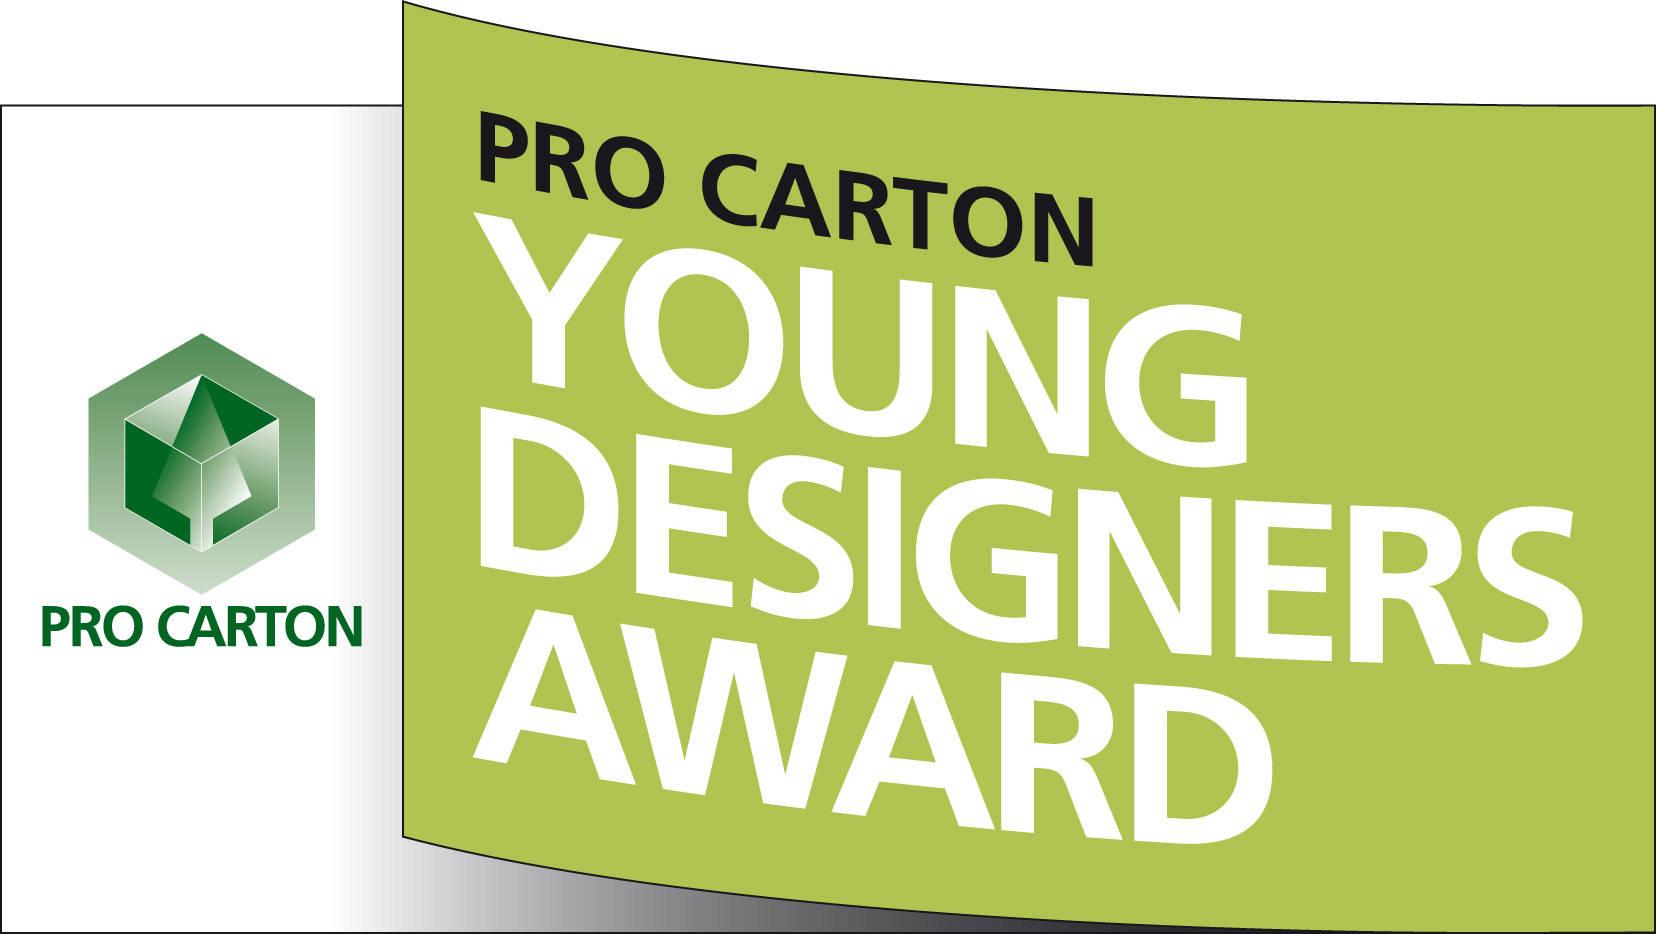 Pro Carton Young Designers Award 2018